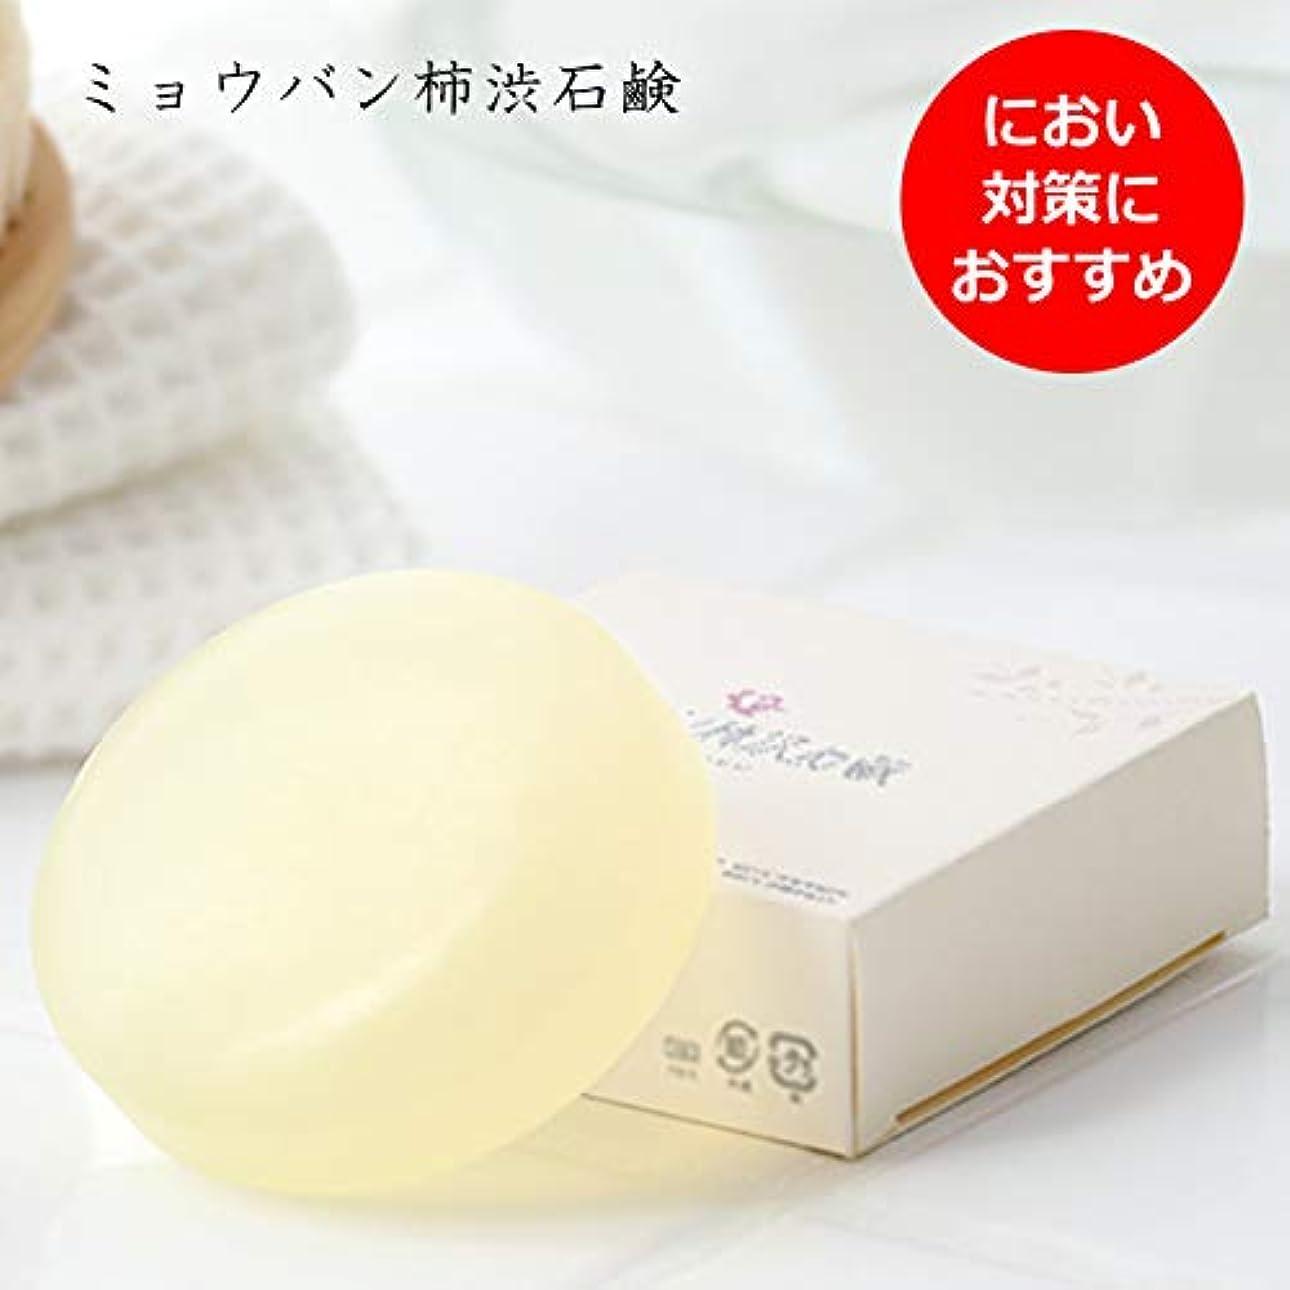 抽象化チート表示【単品】ミョウバン柿渋石鹸(ナチュラルクリアソープ) (01個)